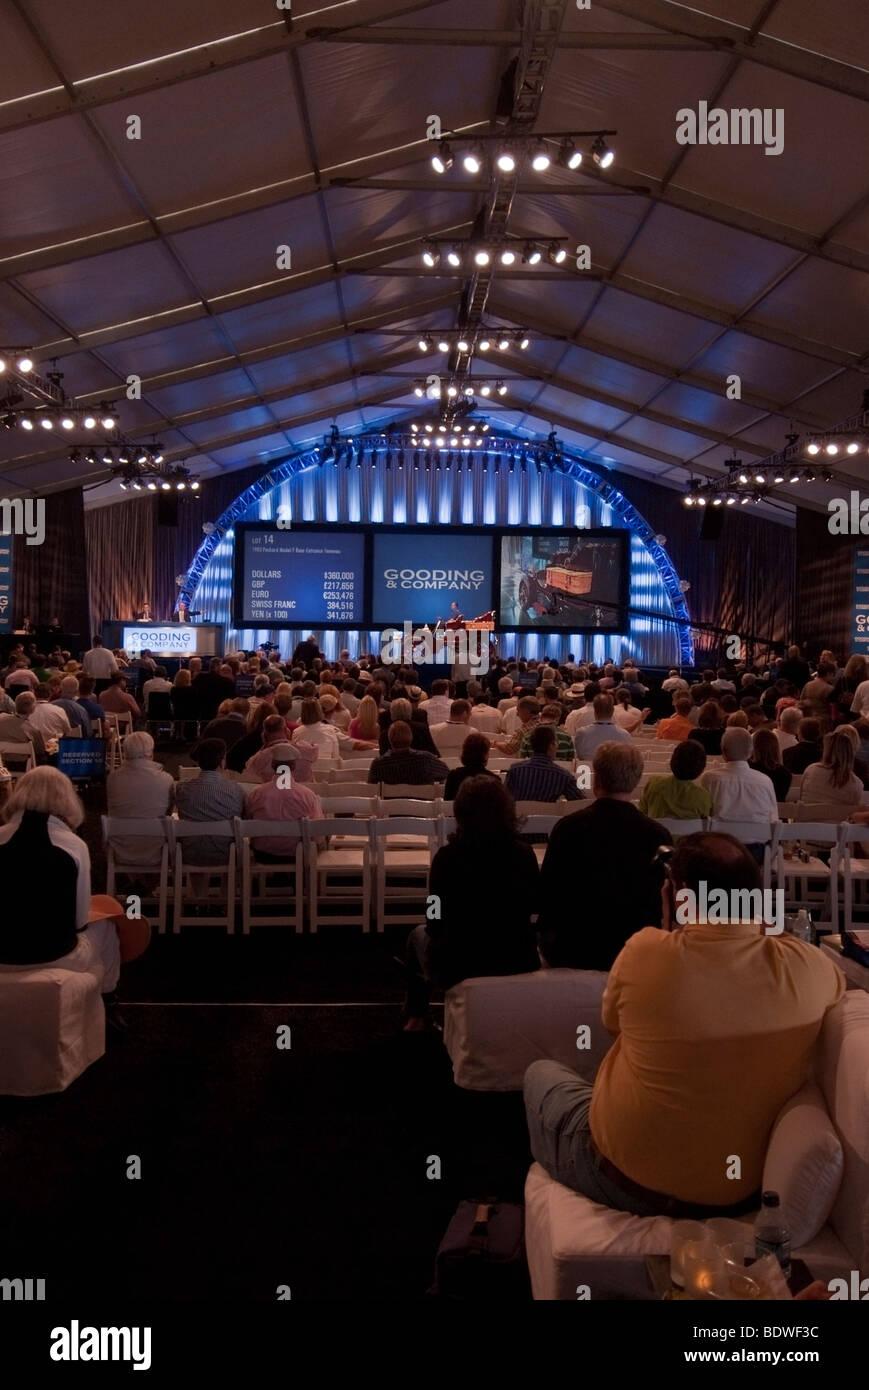 Stadio durante i due giorni di asta da Gooding & Company a Pebble Beach Concours d'Eleganza Immagini Stock